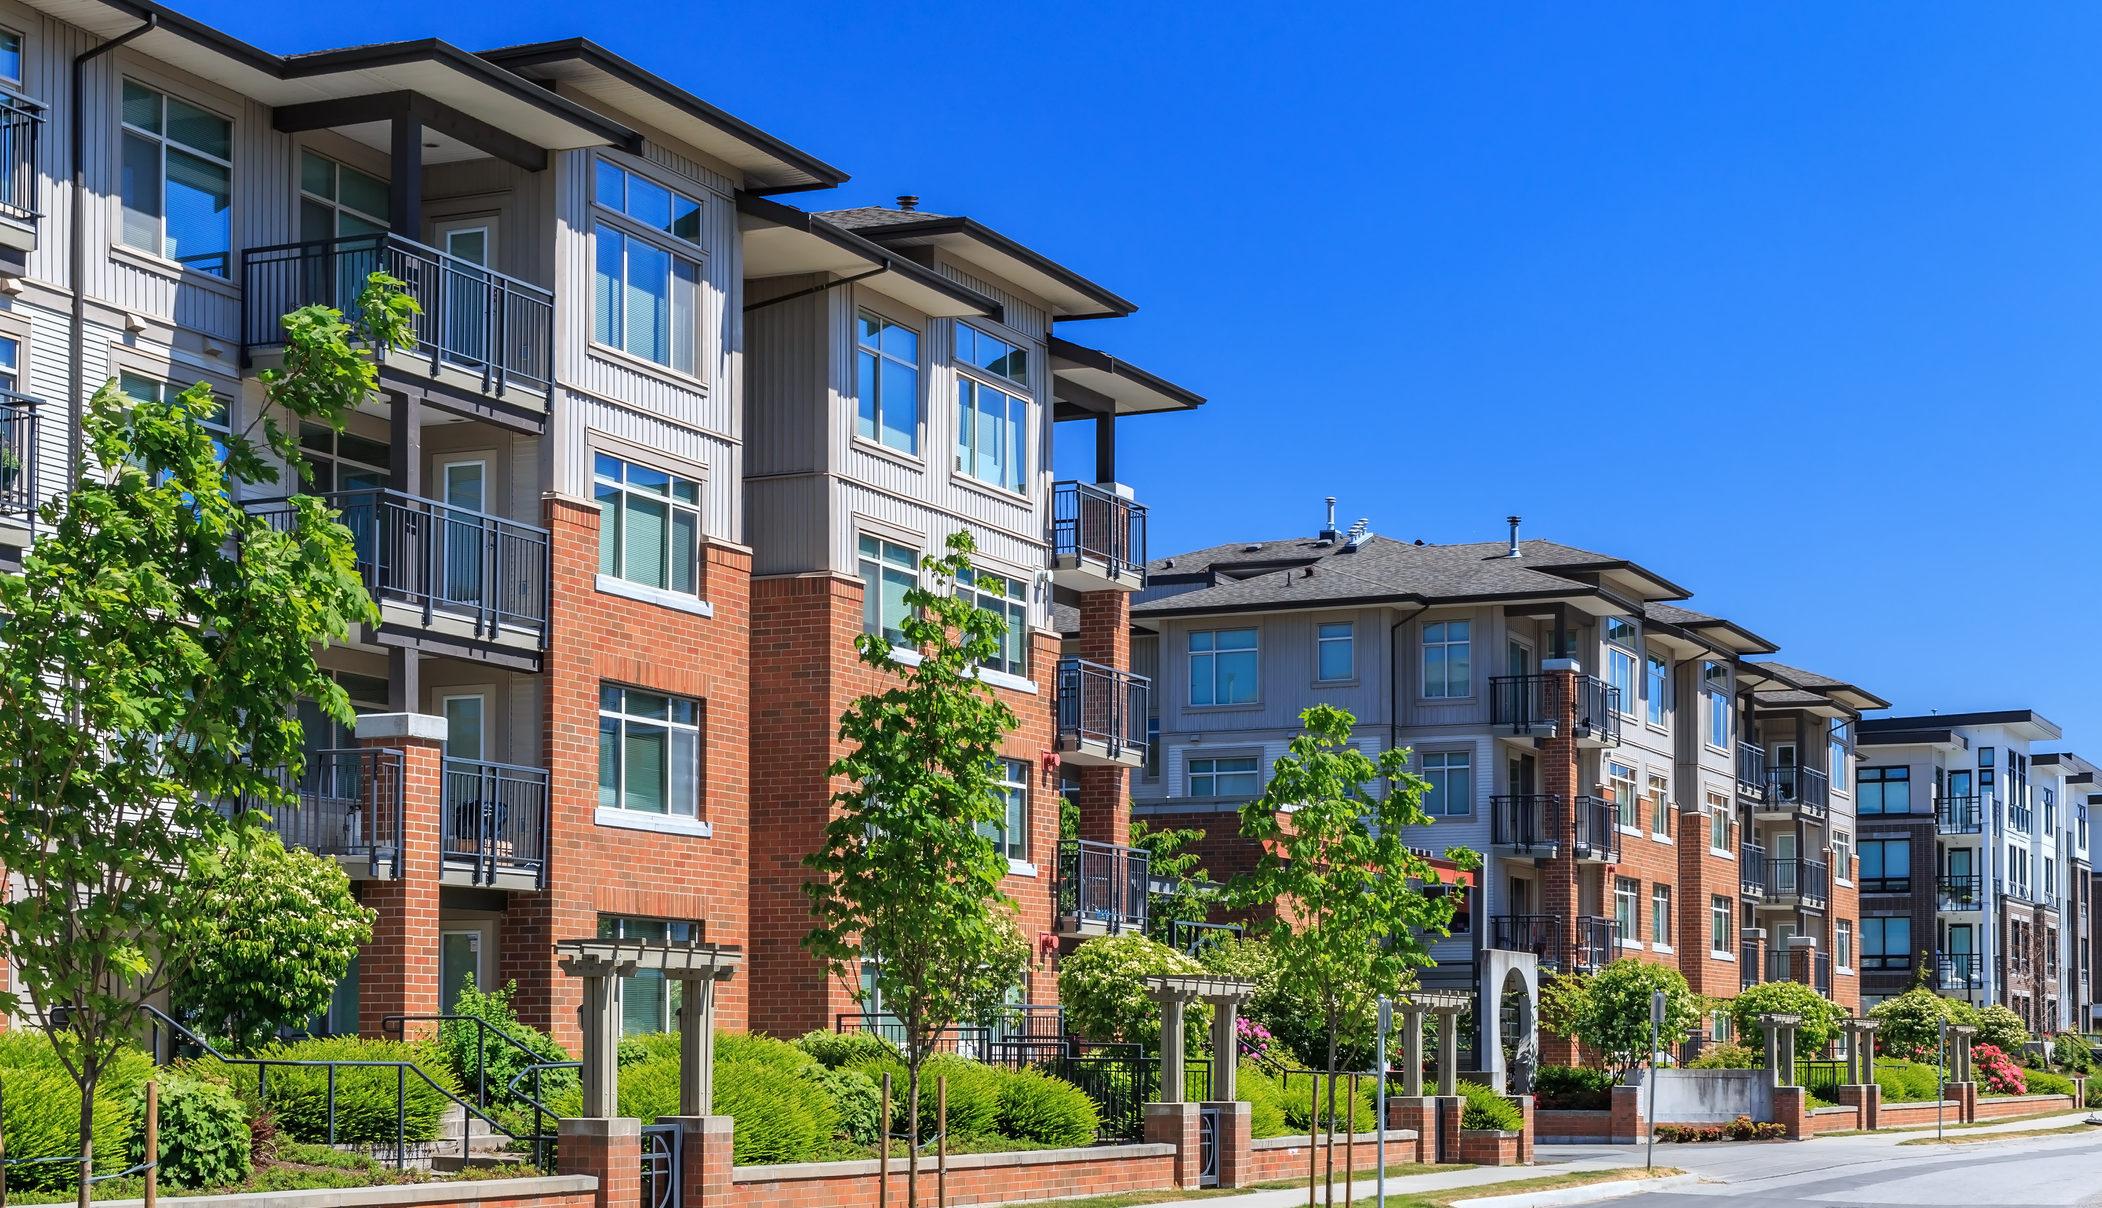 Commercial Real Estate Doraville